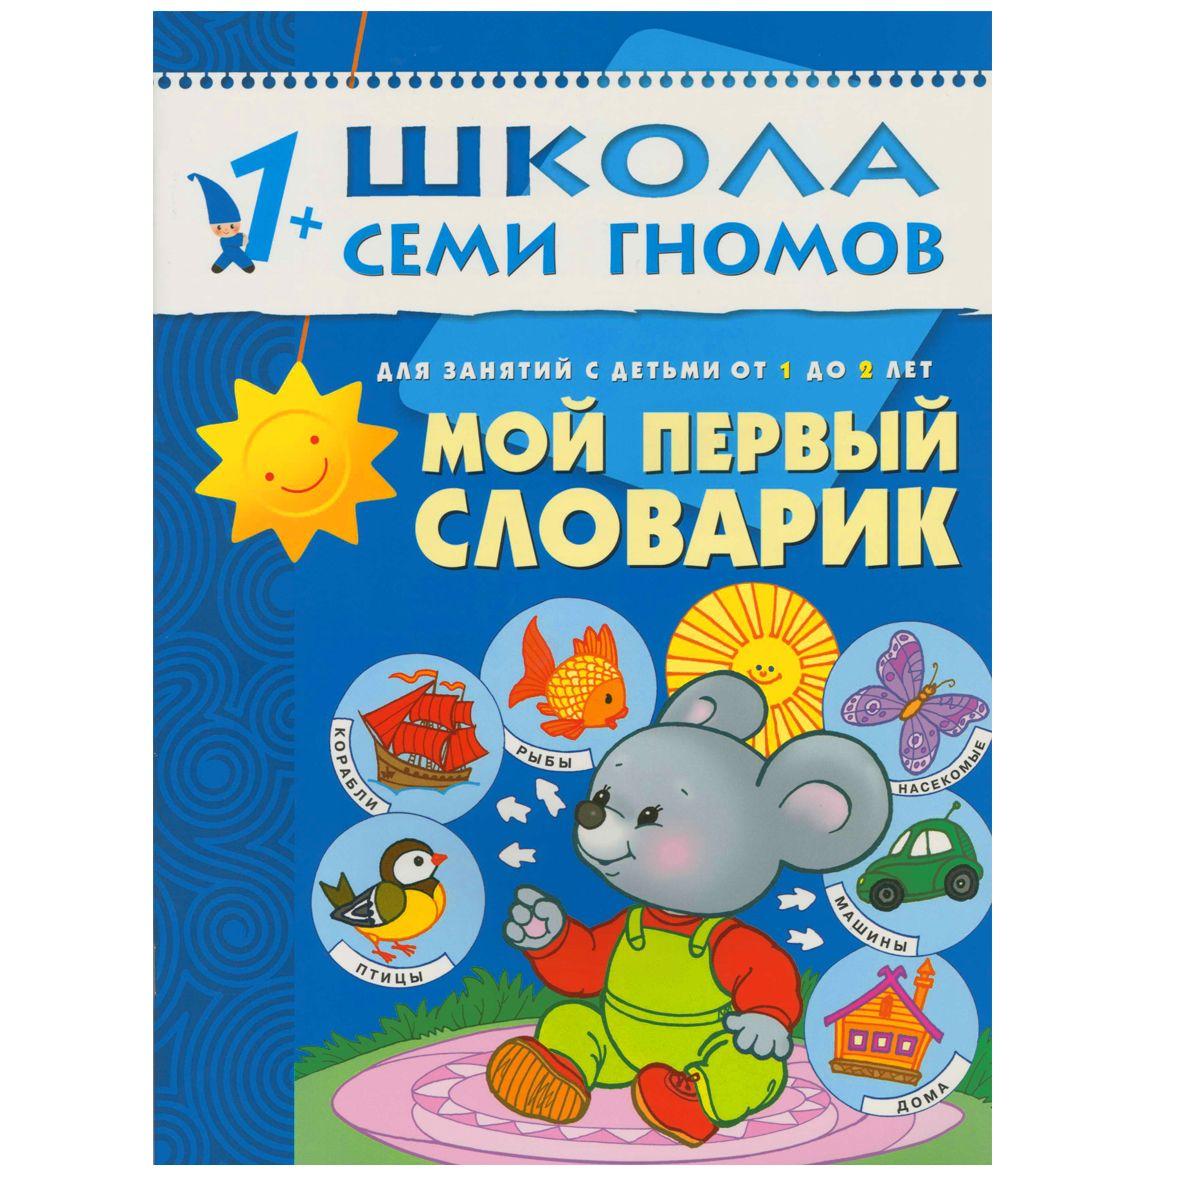 Мой первый словарик: Для занятий с детьми от 1 до 2 лет